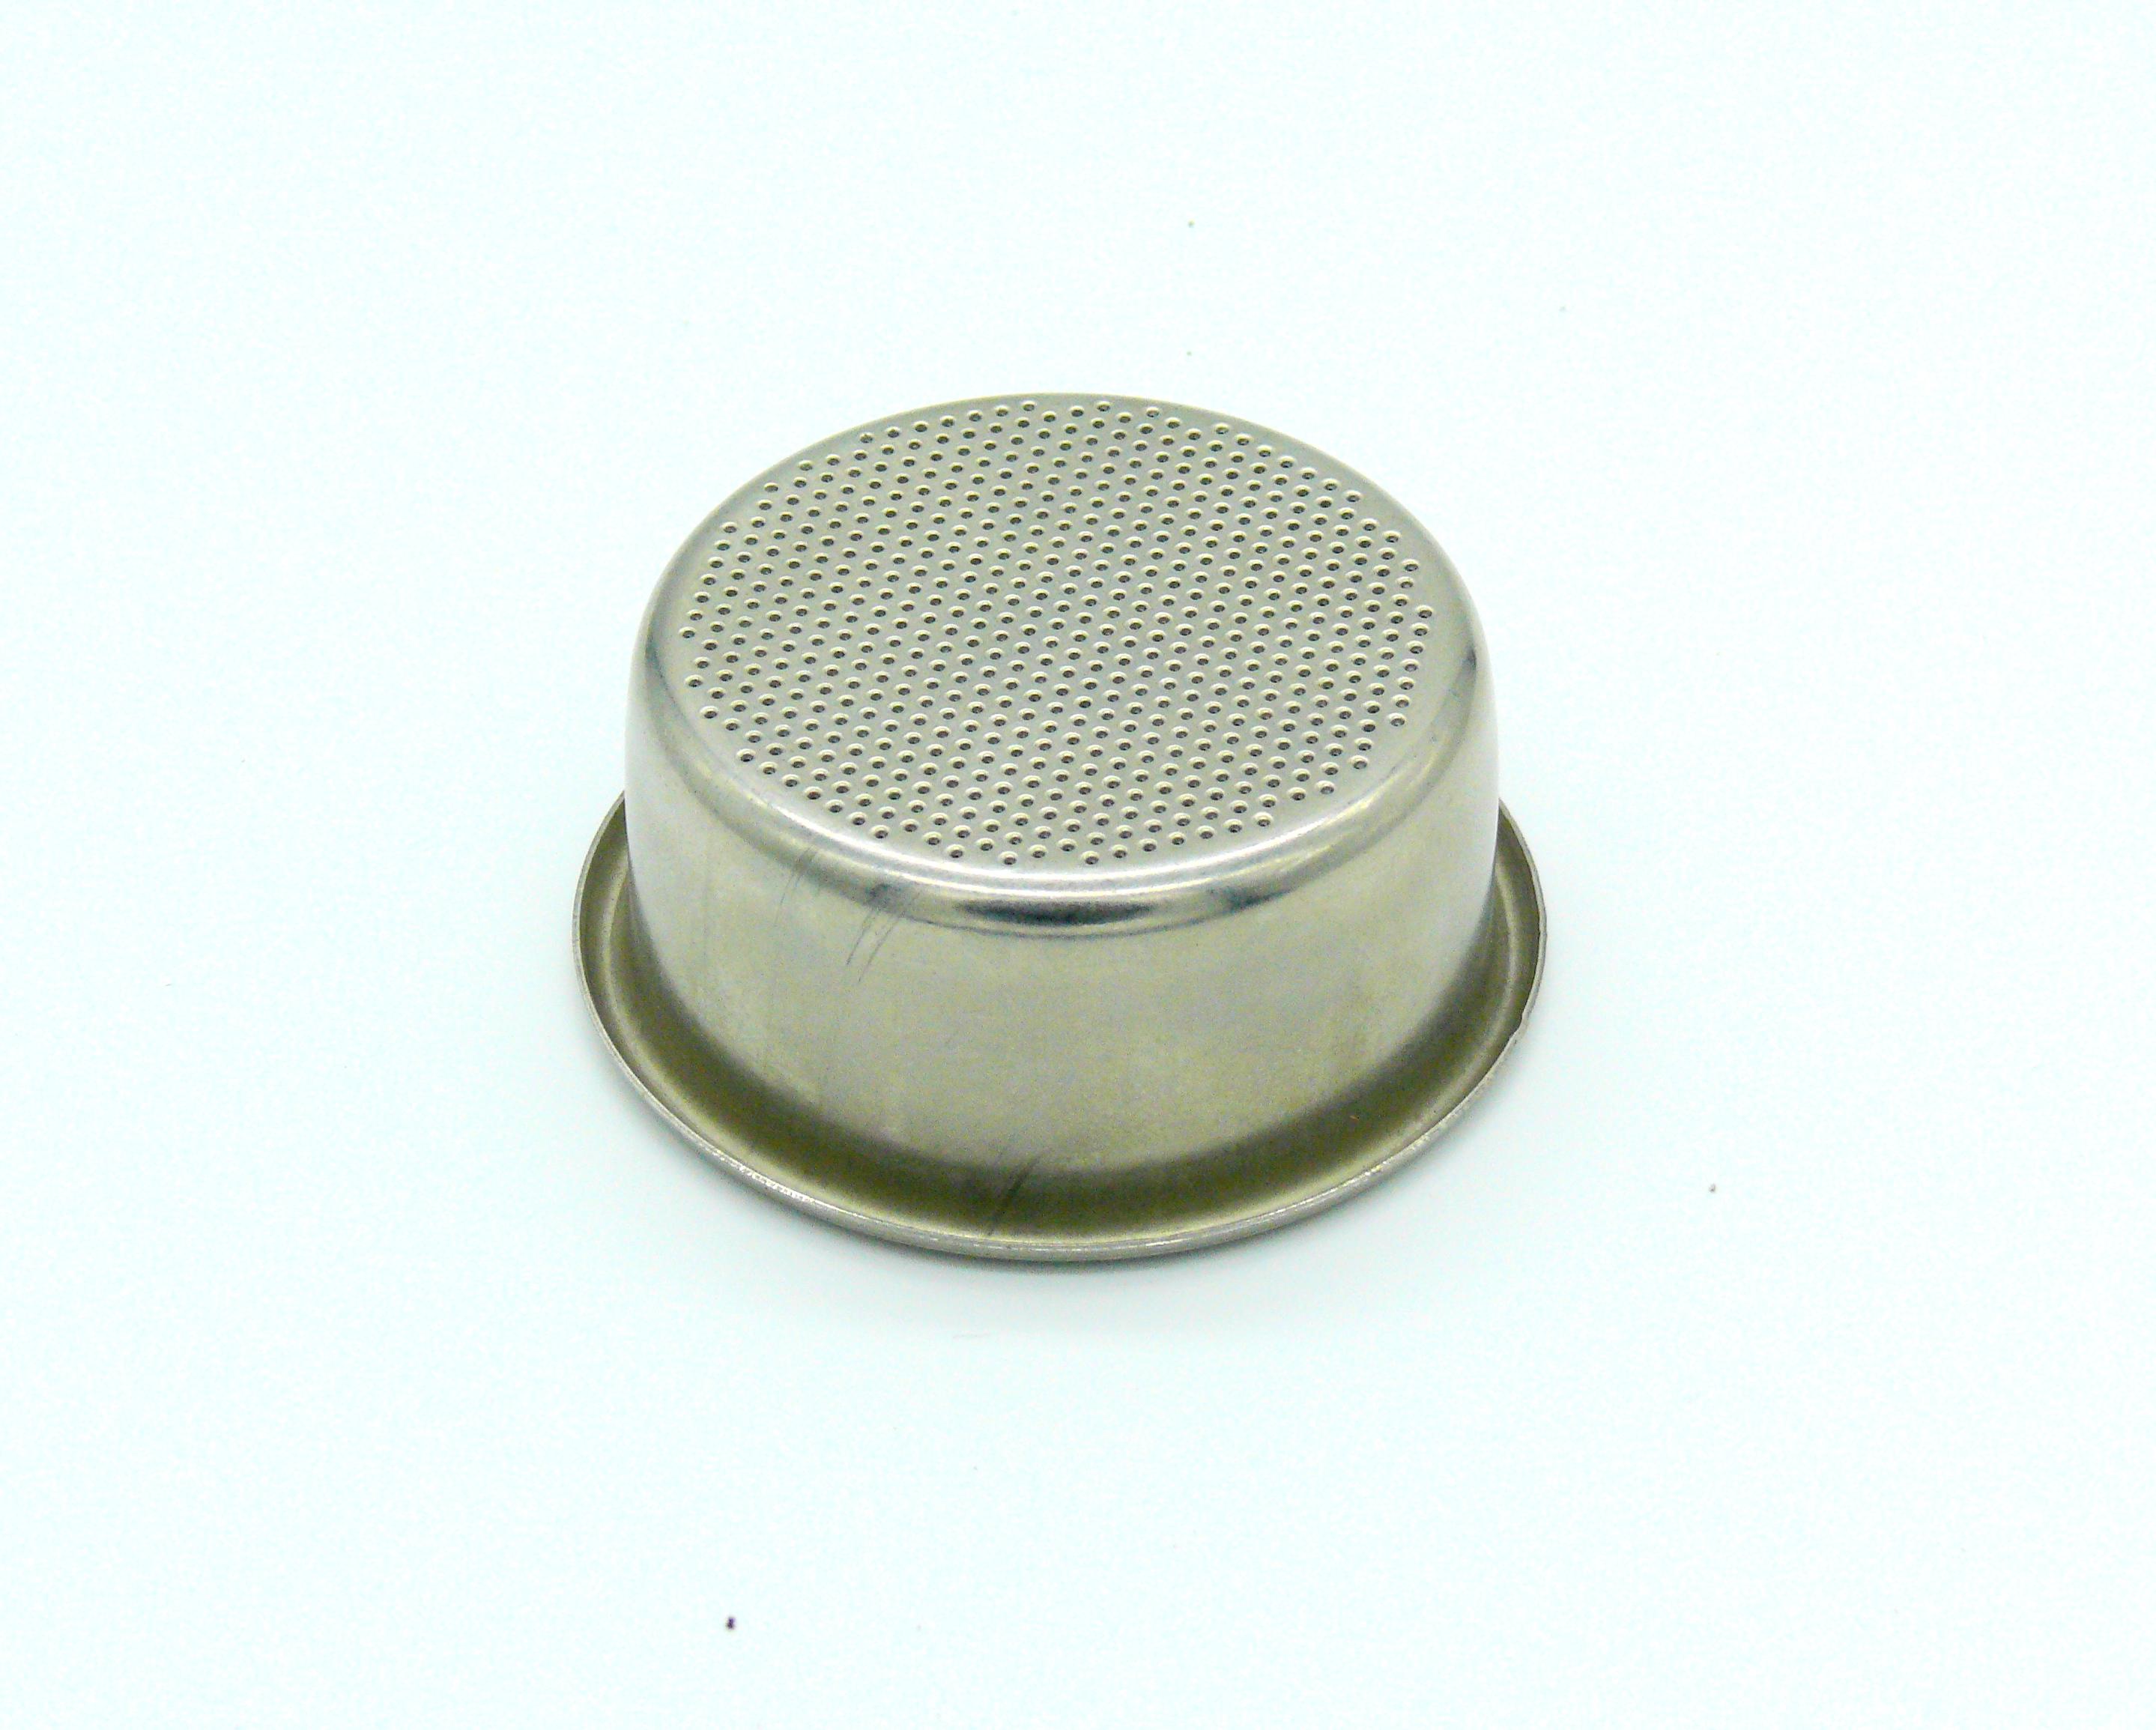 La-Pavoni Kaffeesieb für Espressomaschine 2 Tassen ø 60mm Höhe 25mm